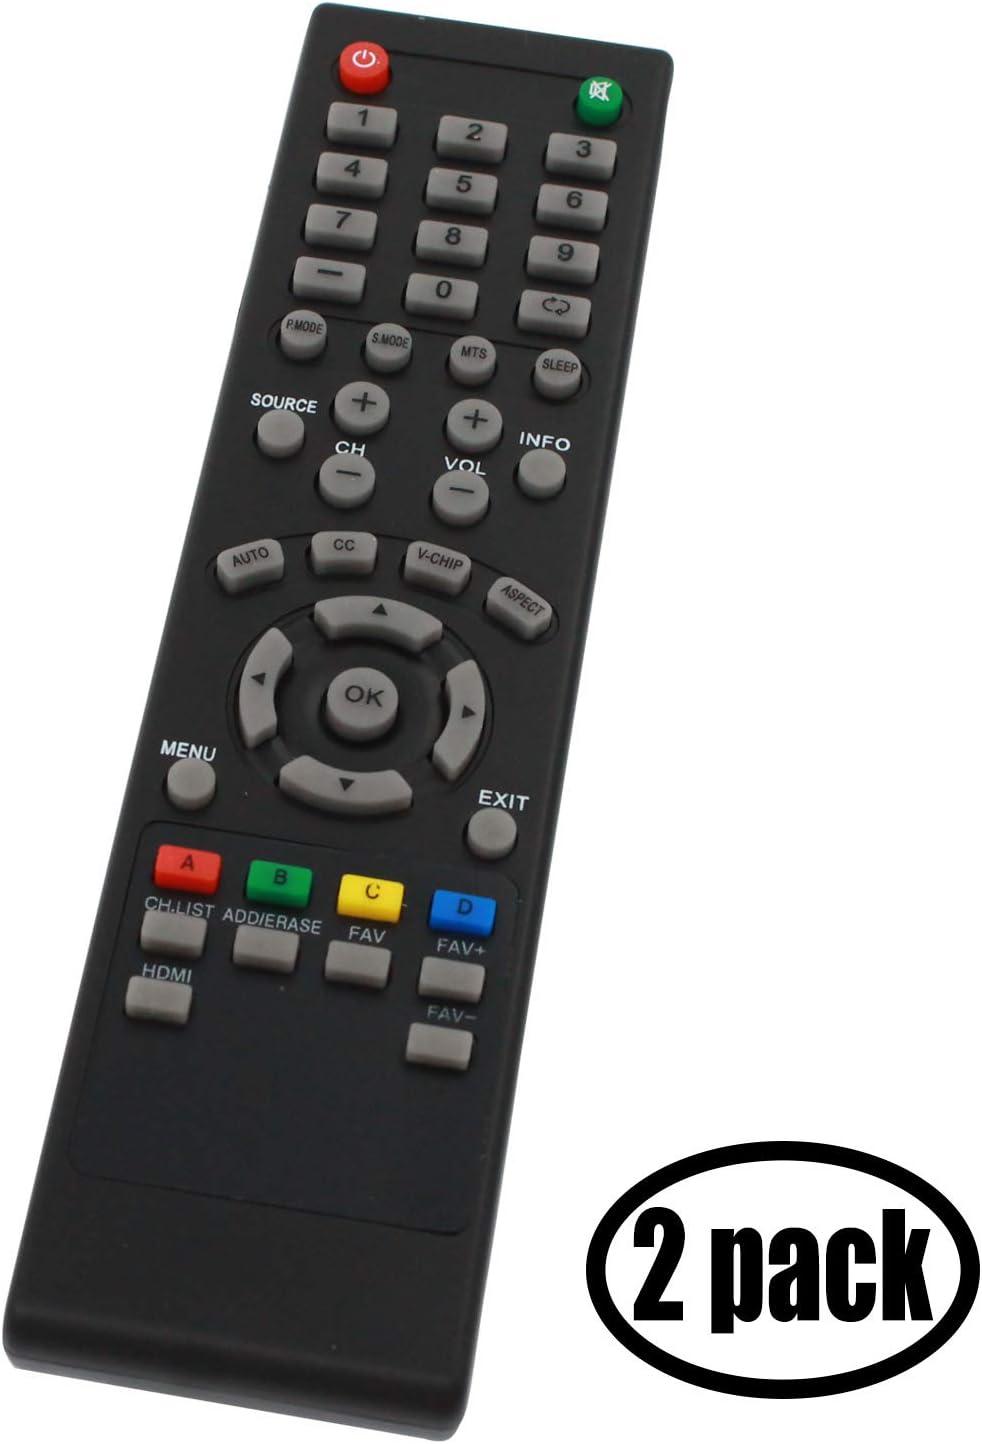 Mando a Distancia de Repuesto para Seiki 84504503B01, Compatible con Seiki SC-40FS703N TV, 2 Unidades: Amazon.es: Electrónica